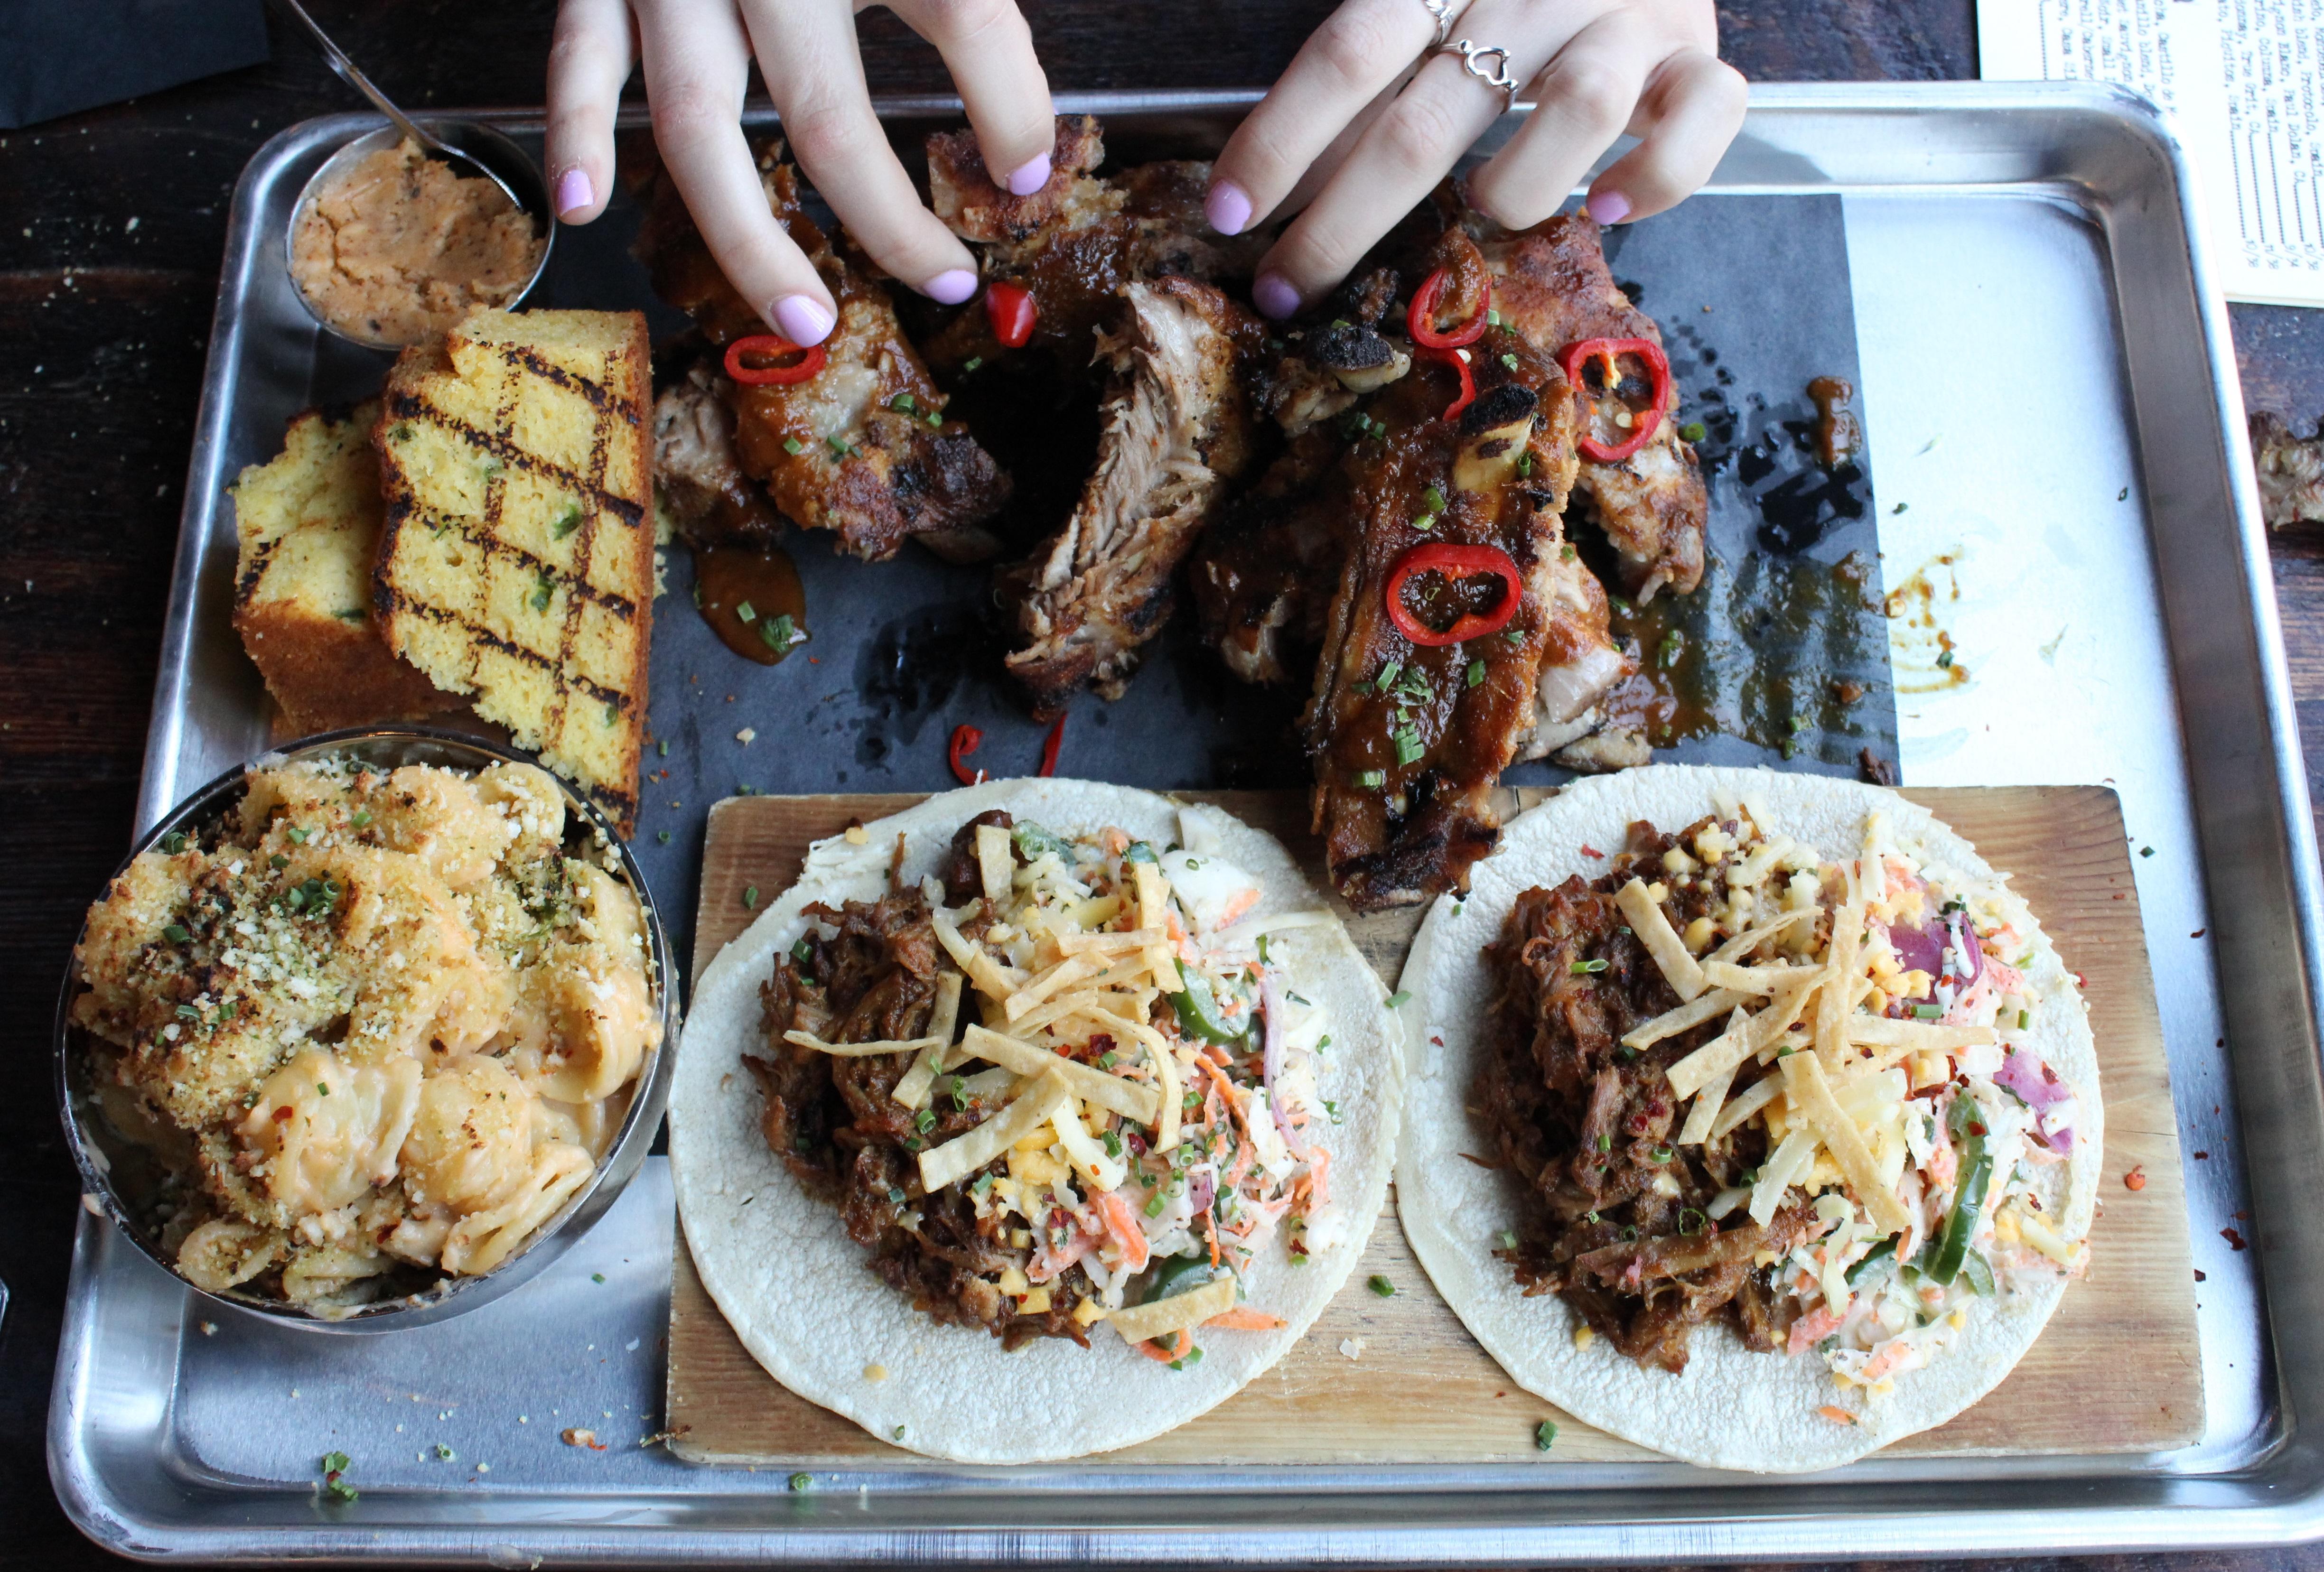 Loco's barbecue spread